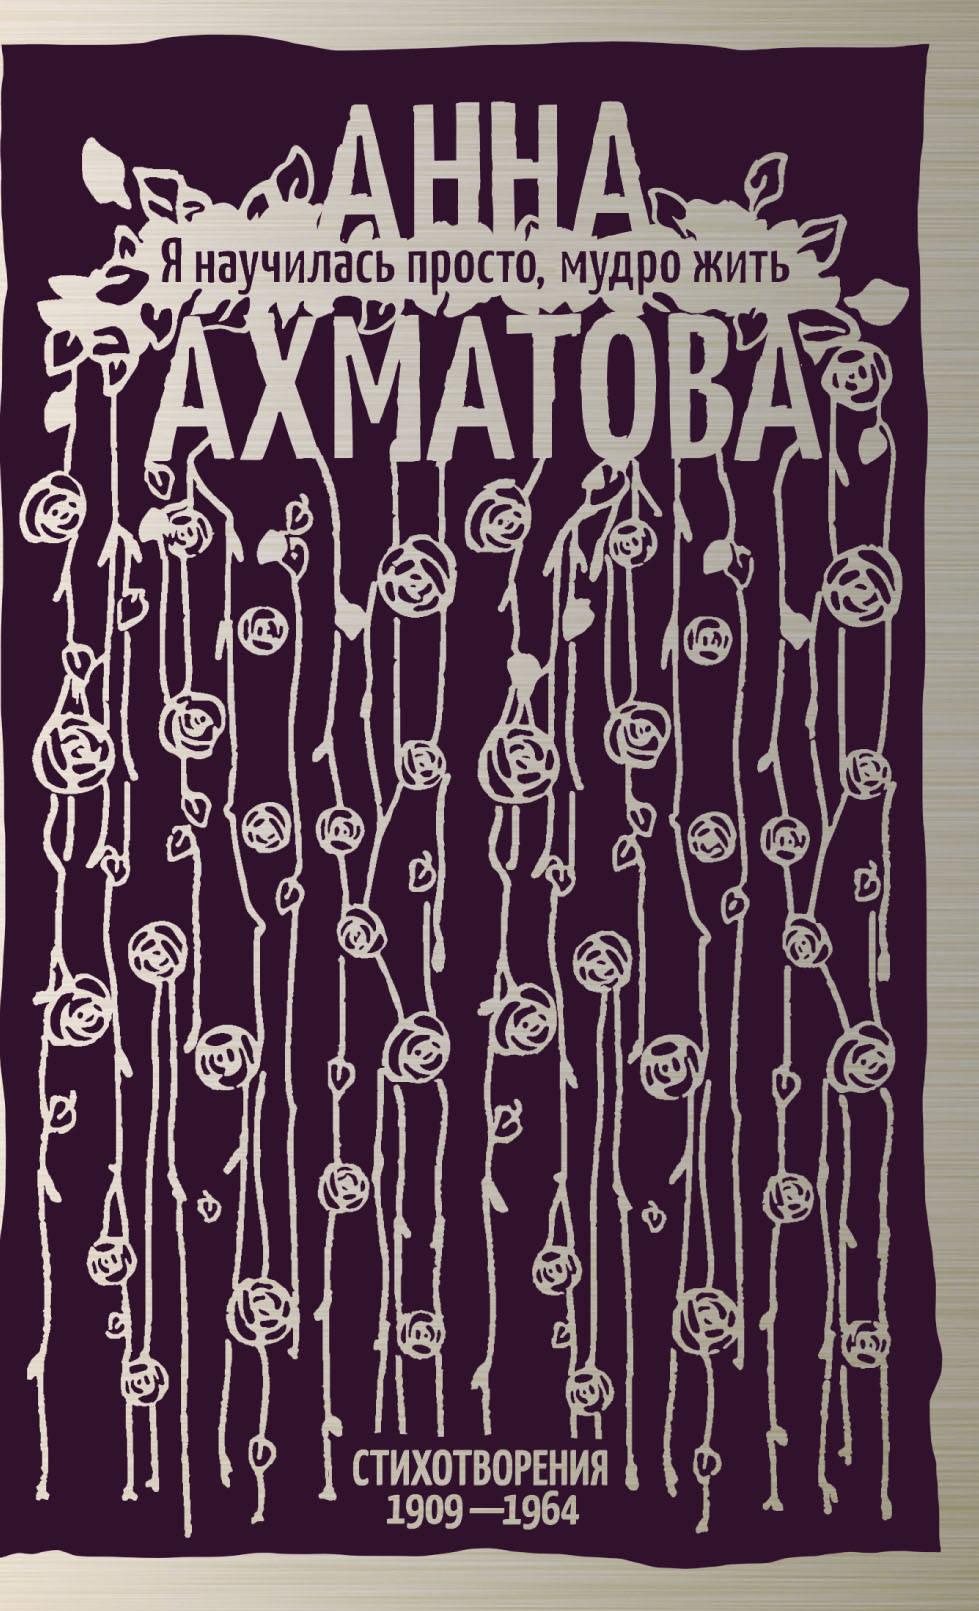 А. А. Ахматова Я научилась просто, мудро жить. Стихотворения 1909—1964